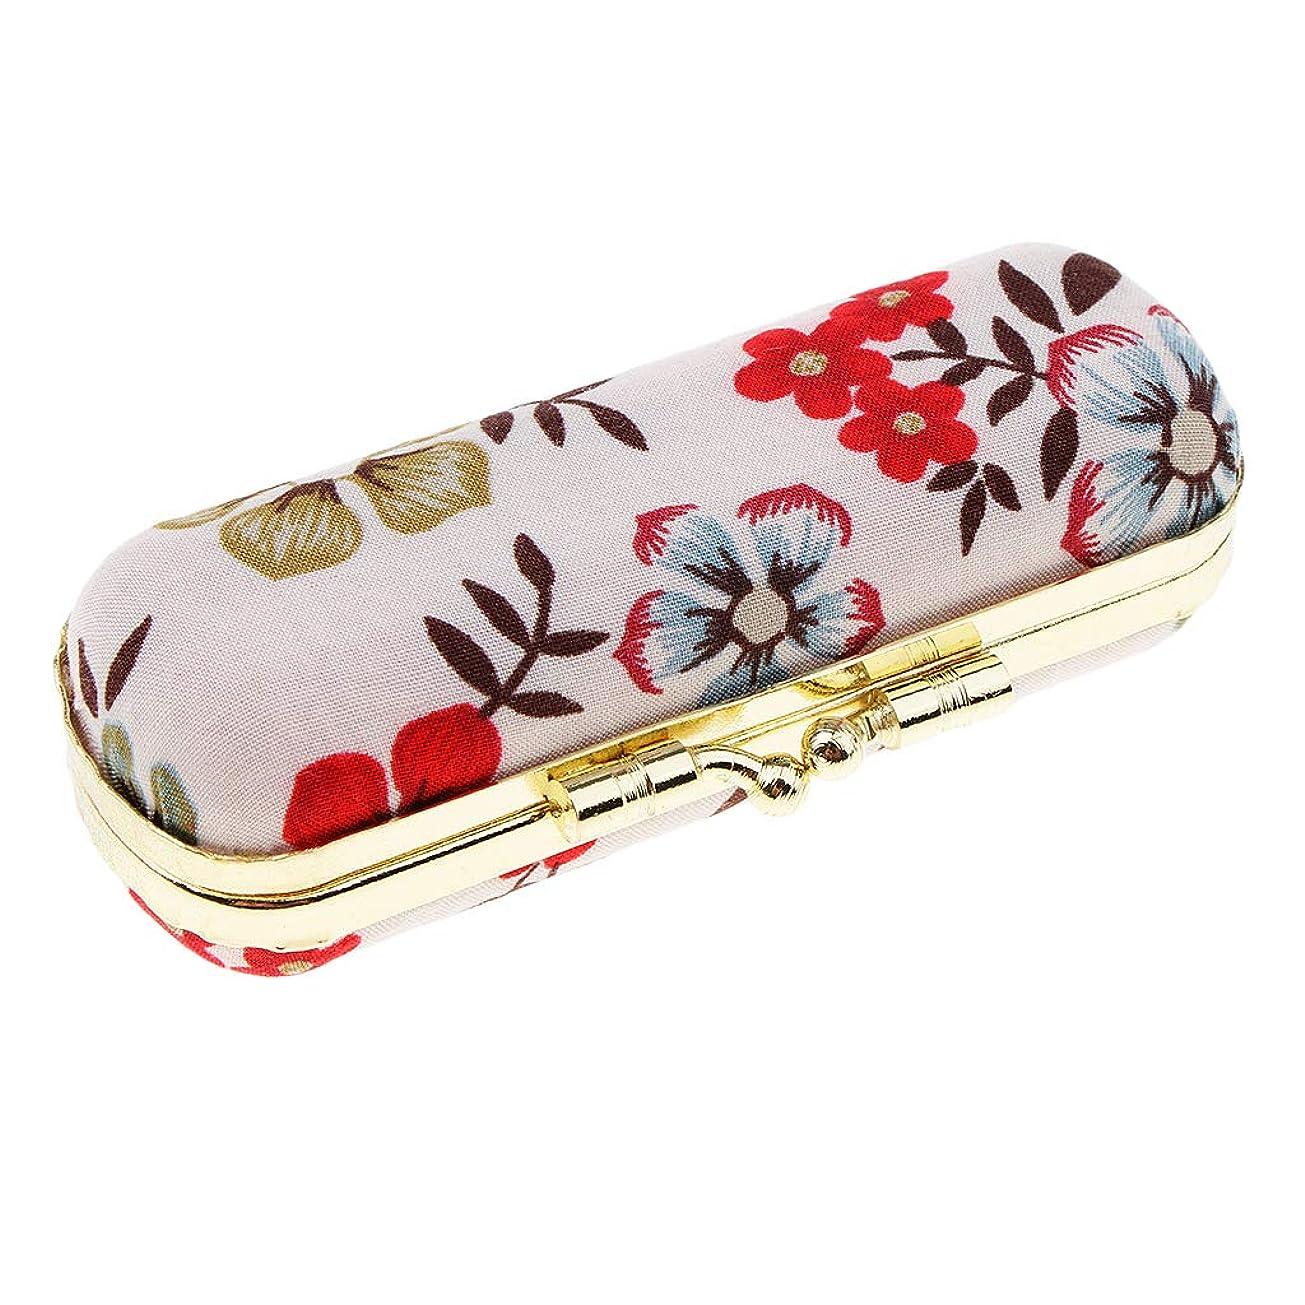 魅了するどういたしまして危険を冒しますT TOOYFUL 口紅 収納用ケース 収納ボックス 鏡付き リップグロスケース リップスティック 全7タイプ - レトロE